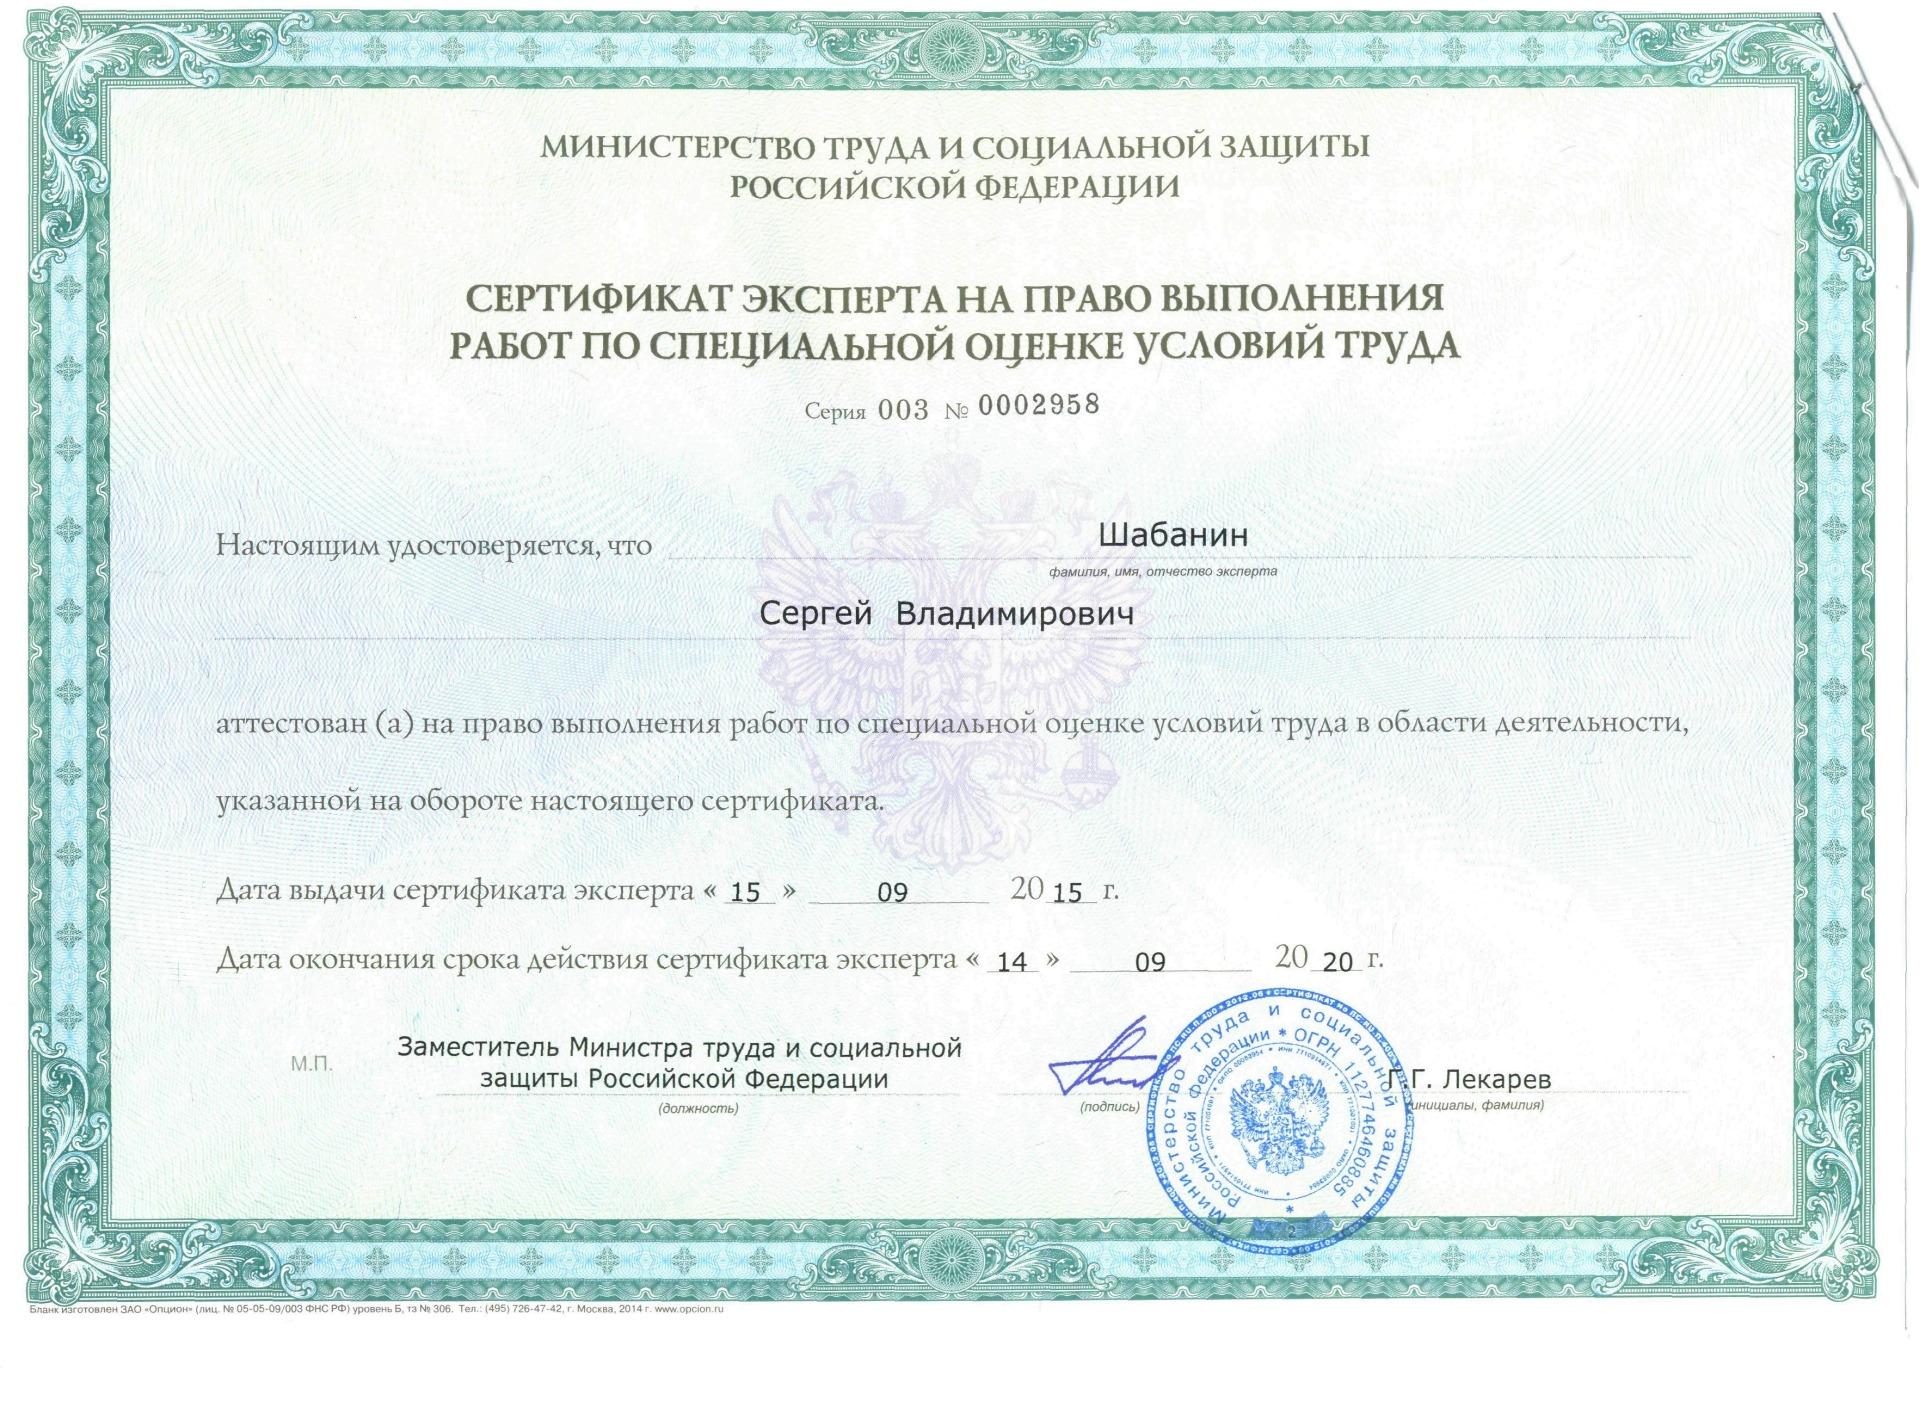 Эксперт СОУТ Шабанин С.В.